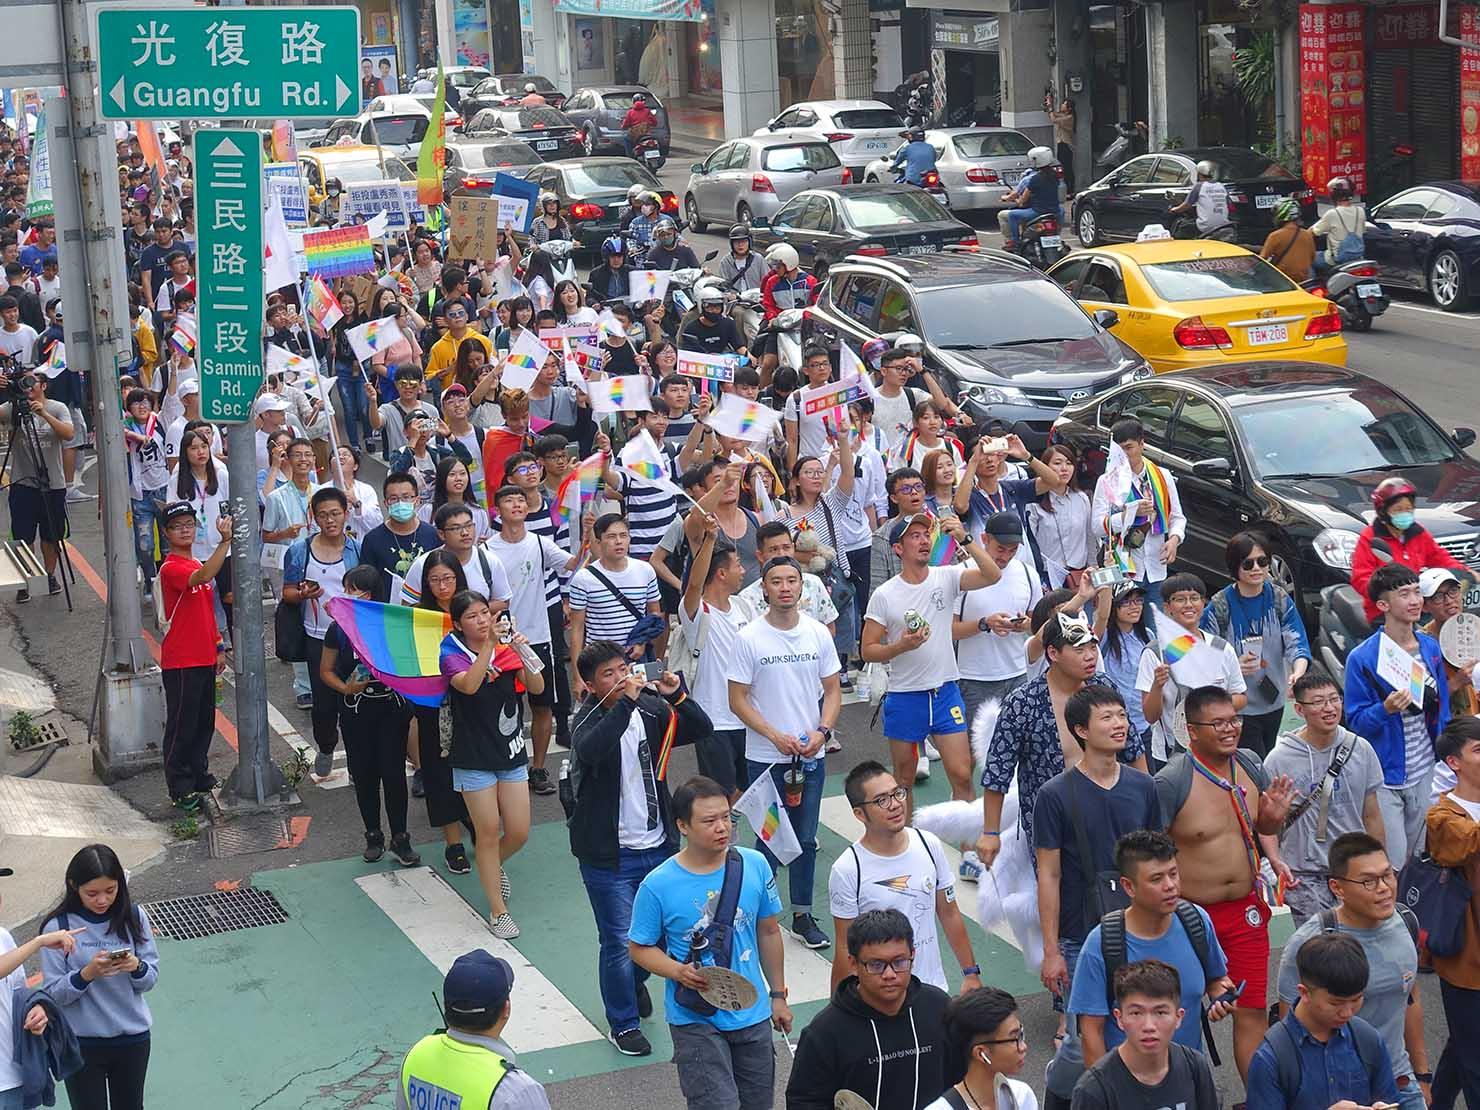 台中同志遊行(台中LGBTプライド)2018の歩道橋から眺めるパレード隊列